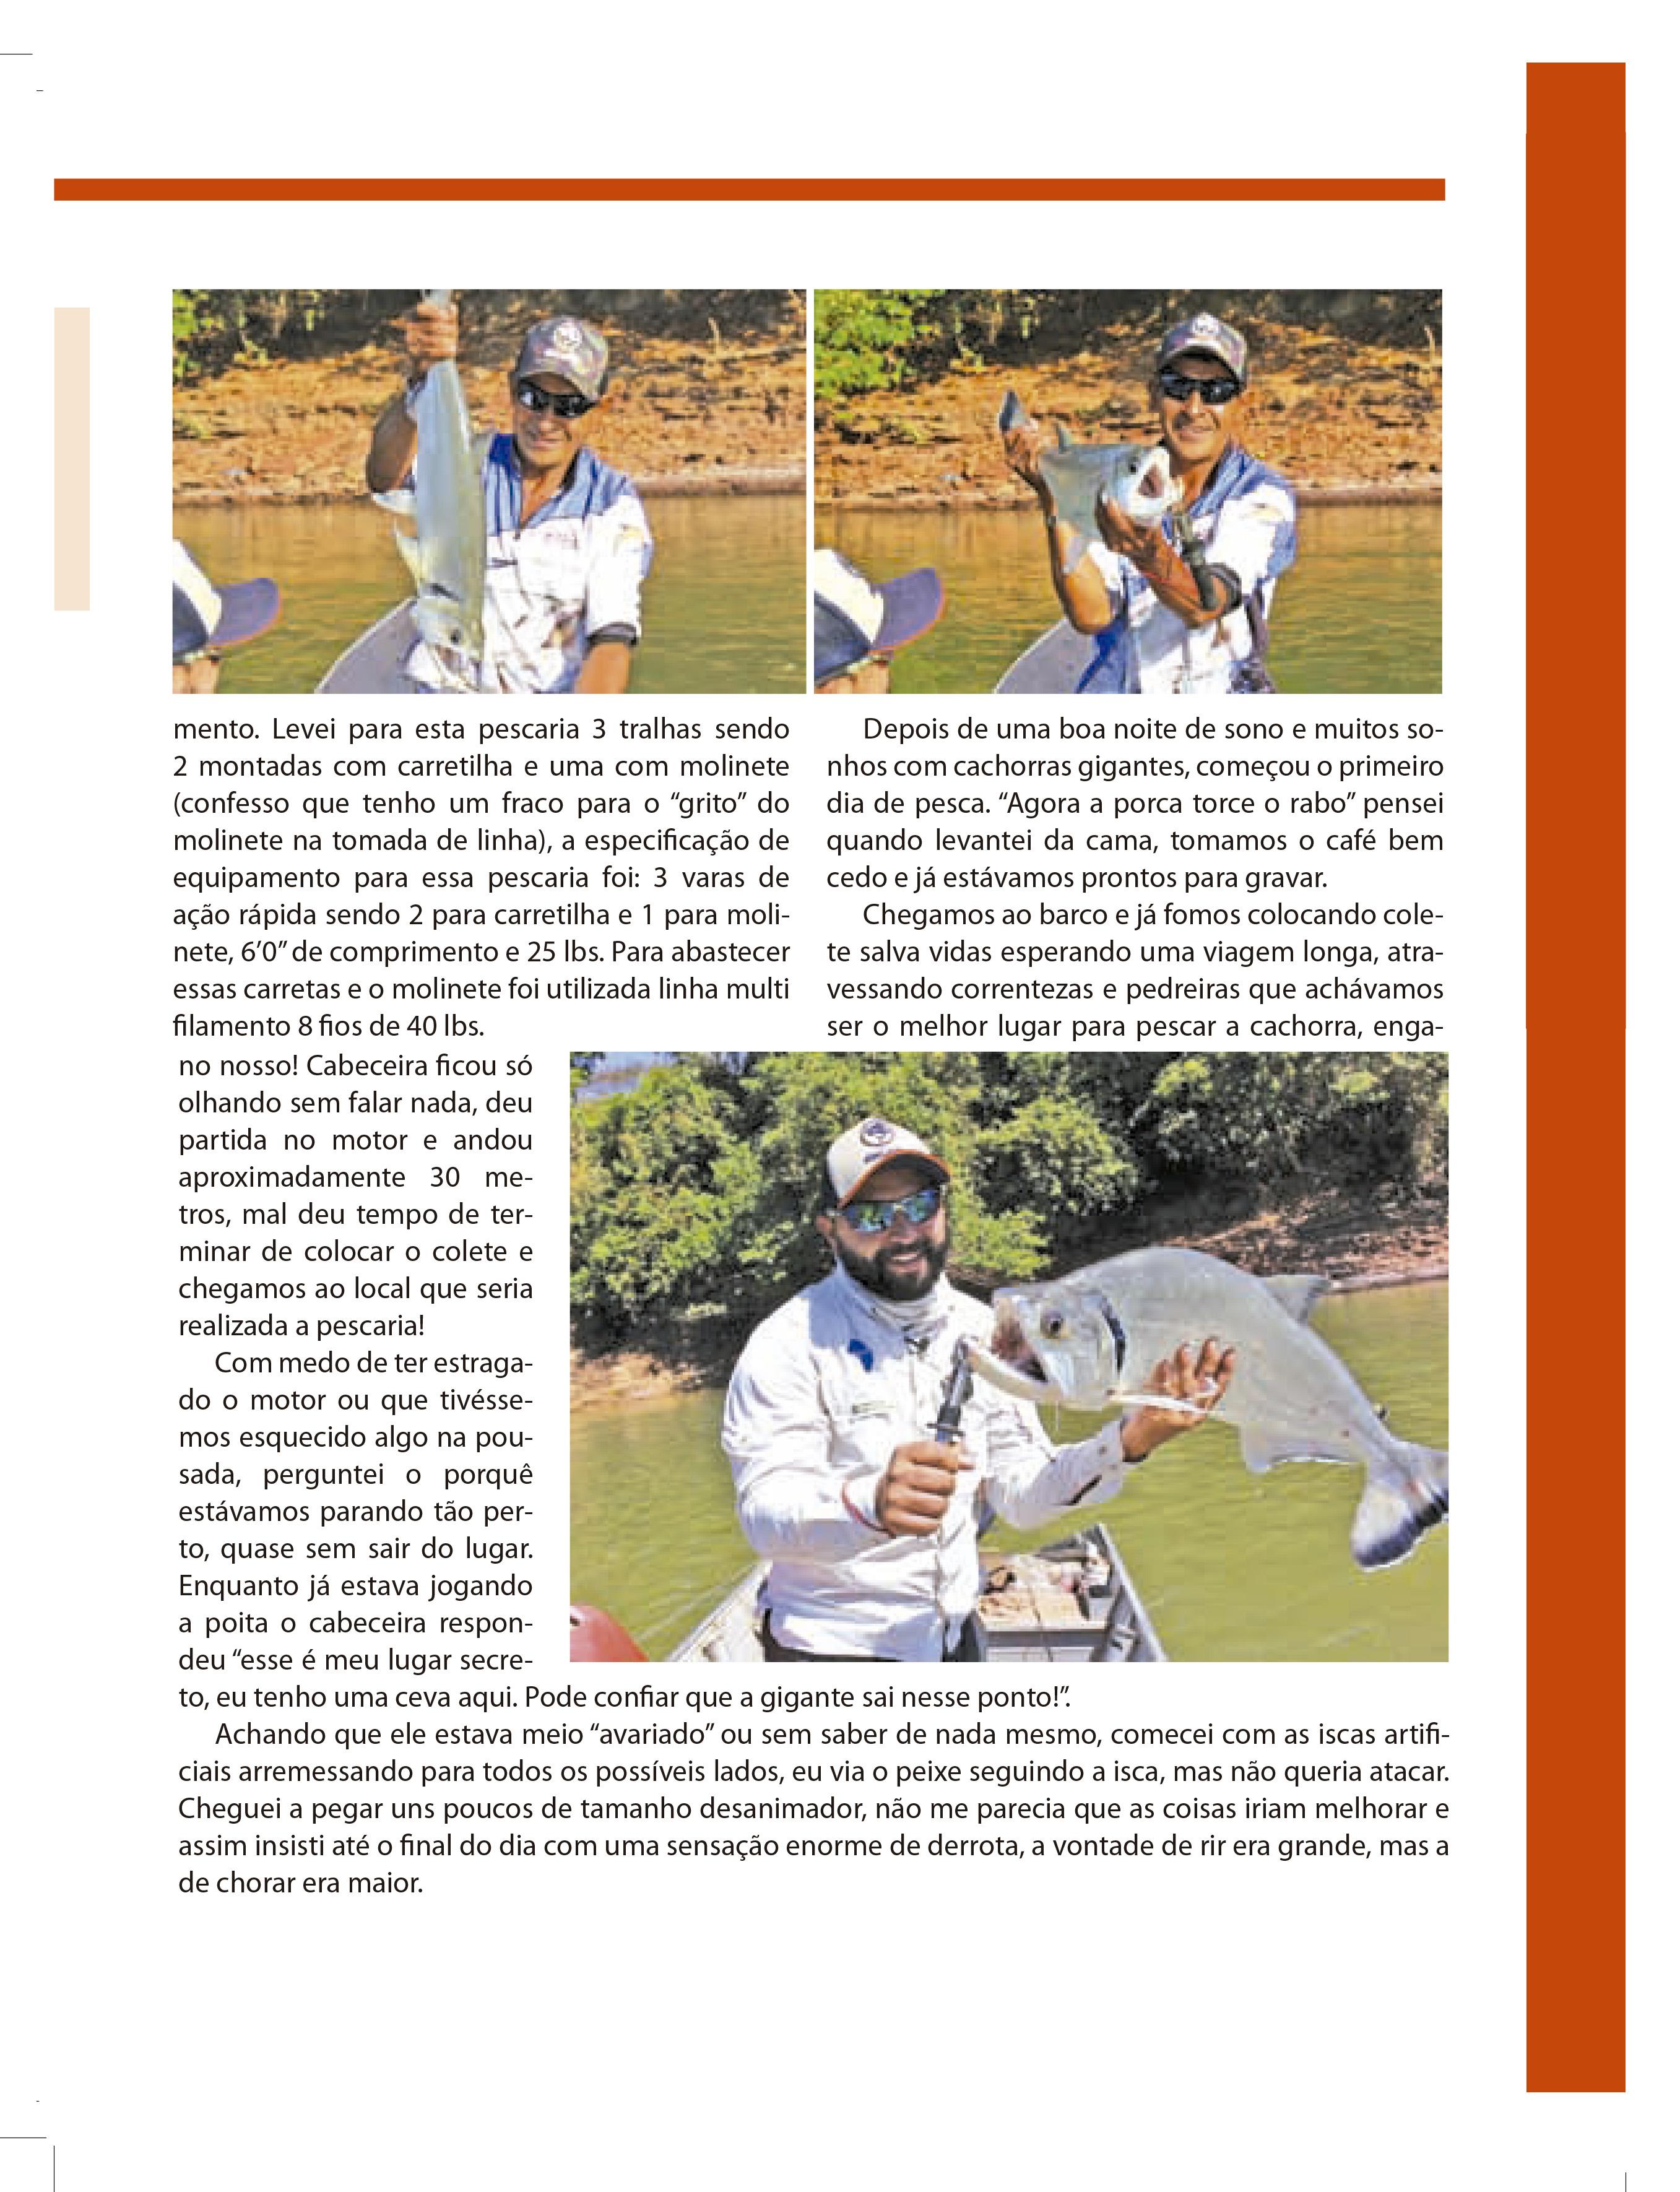 Revista Fishing News_ 89_OP 46649_pdf prova-27